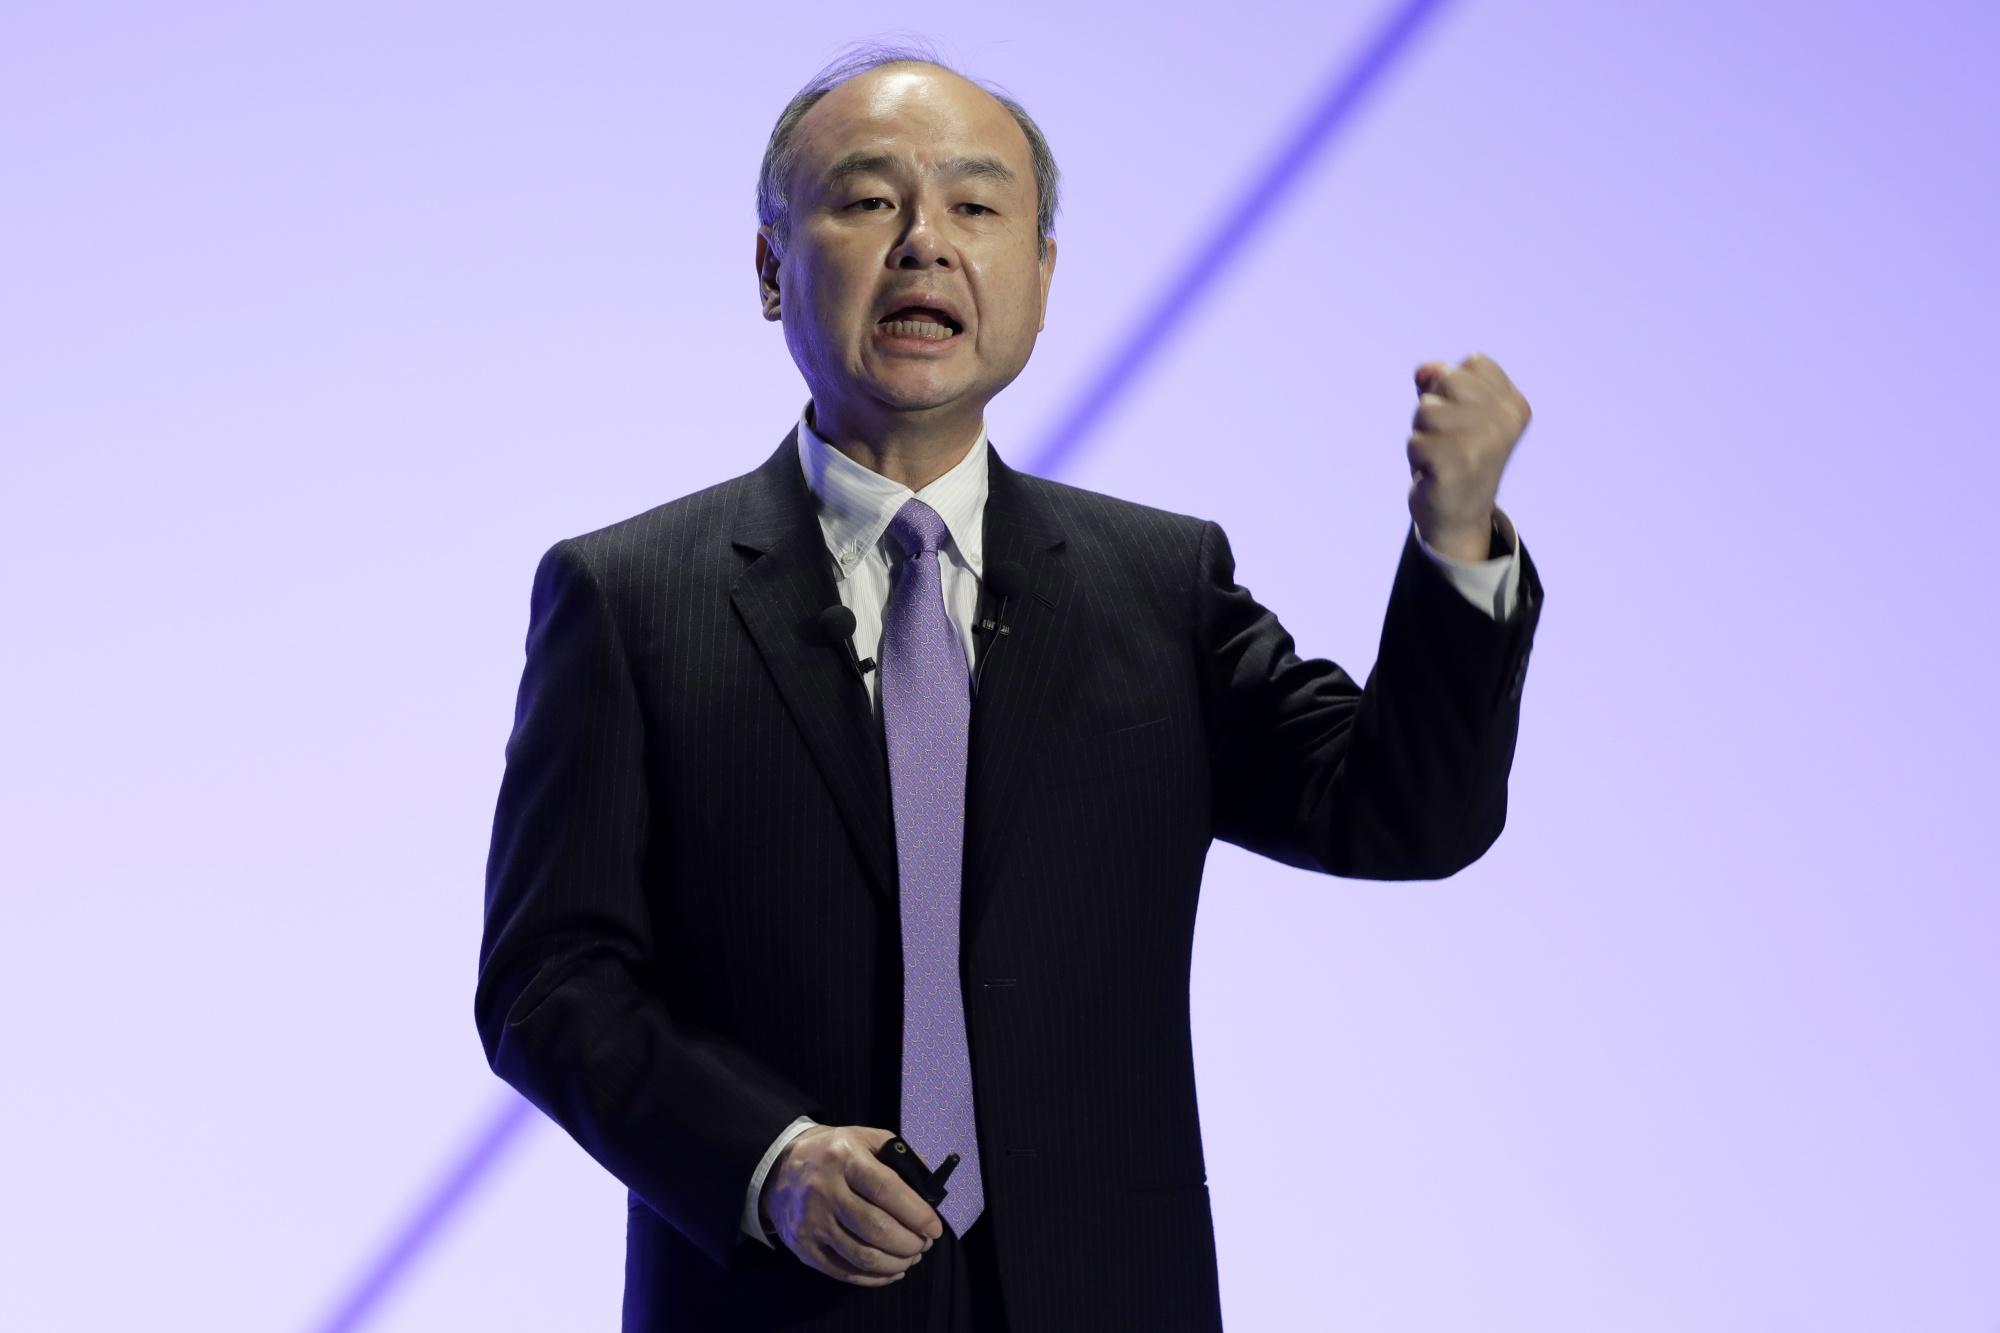 Nhiều người cho rằng sự độc đoán củaMasayoshi Son là một trong những nguyên nhân chính khiến nhiều nhân tài rời bỏ Softbank. Ảnh: Bloomberg.